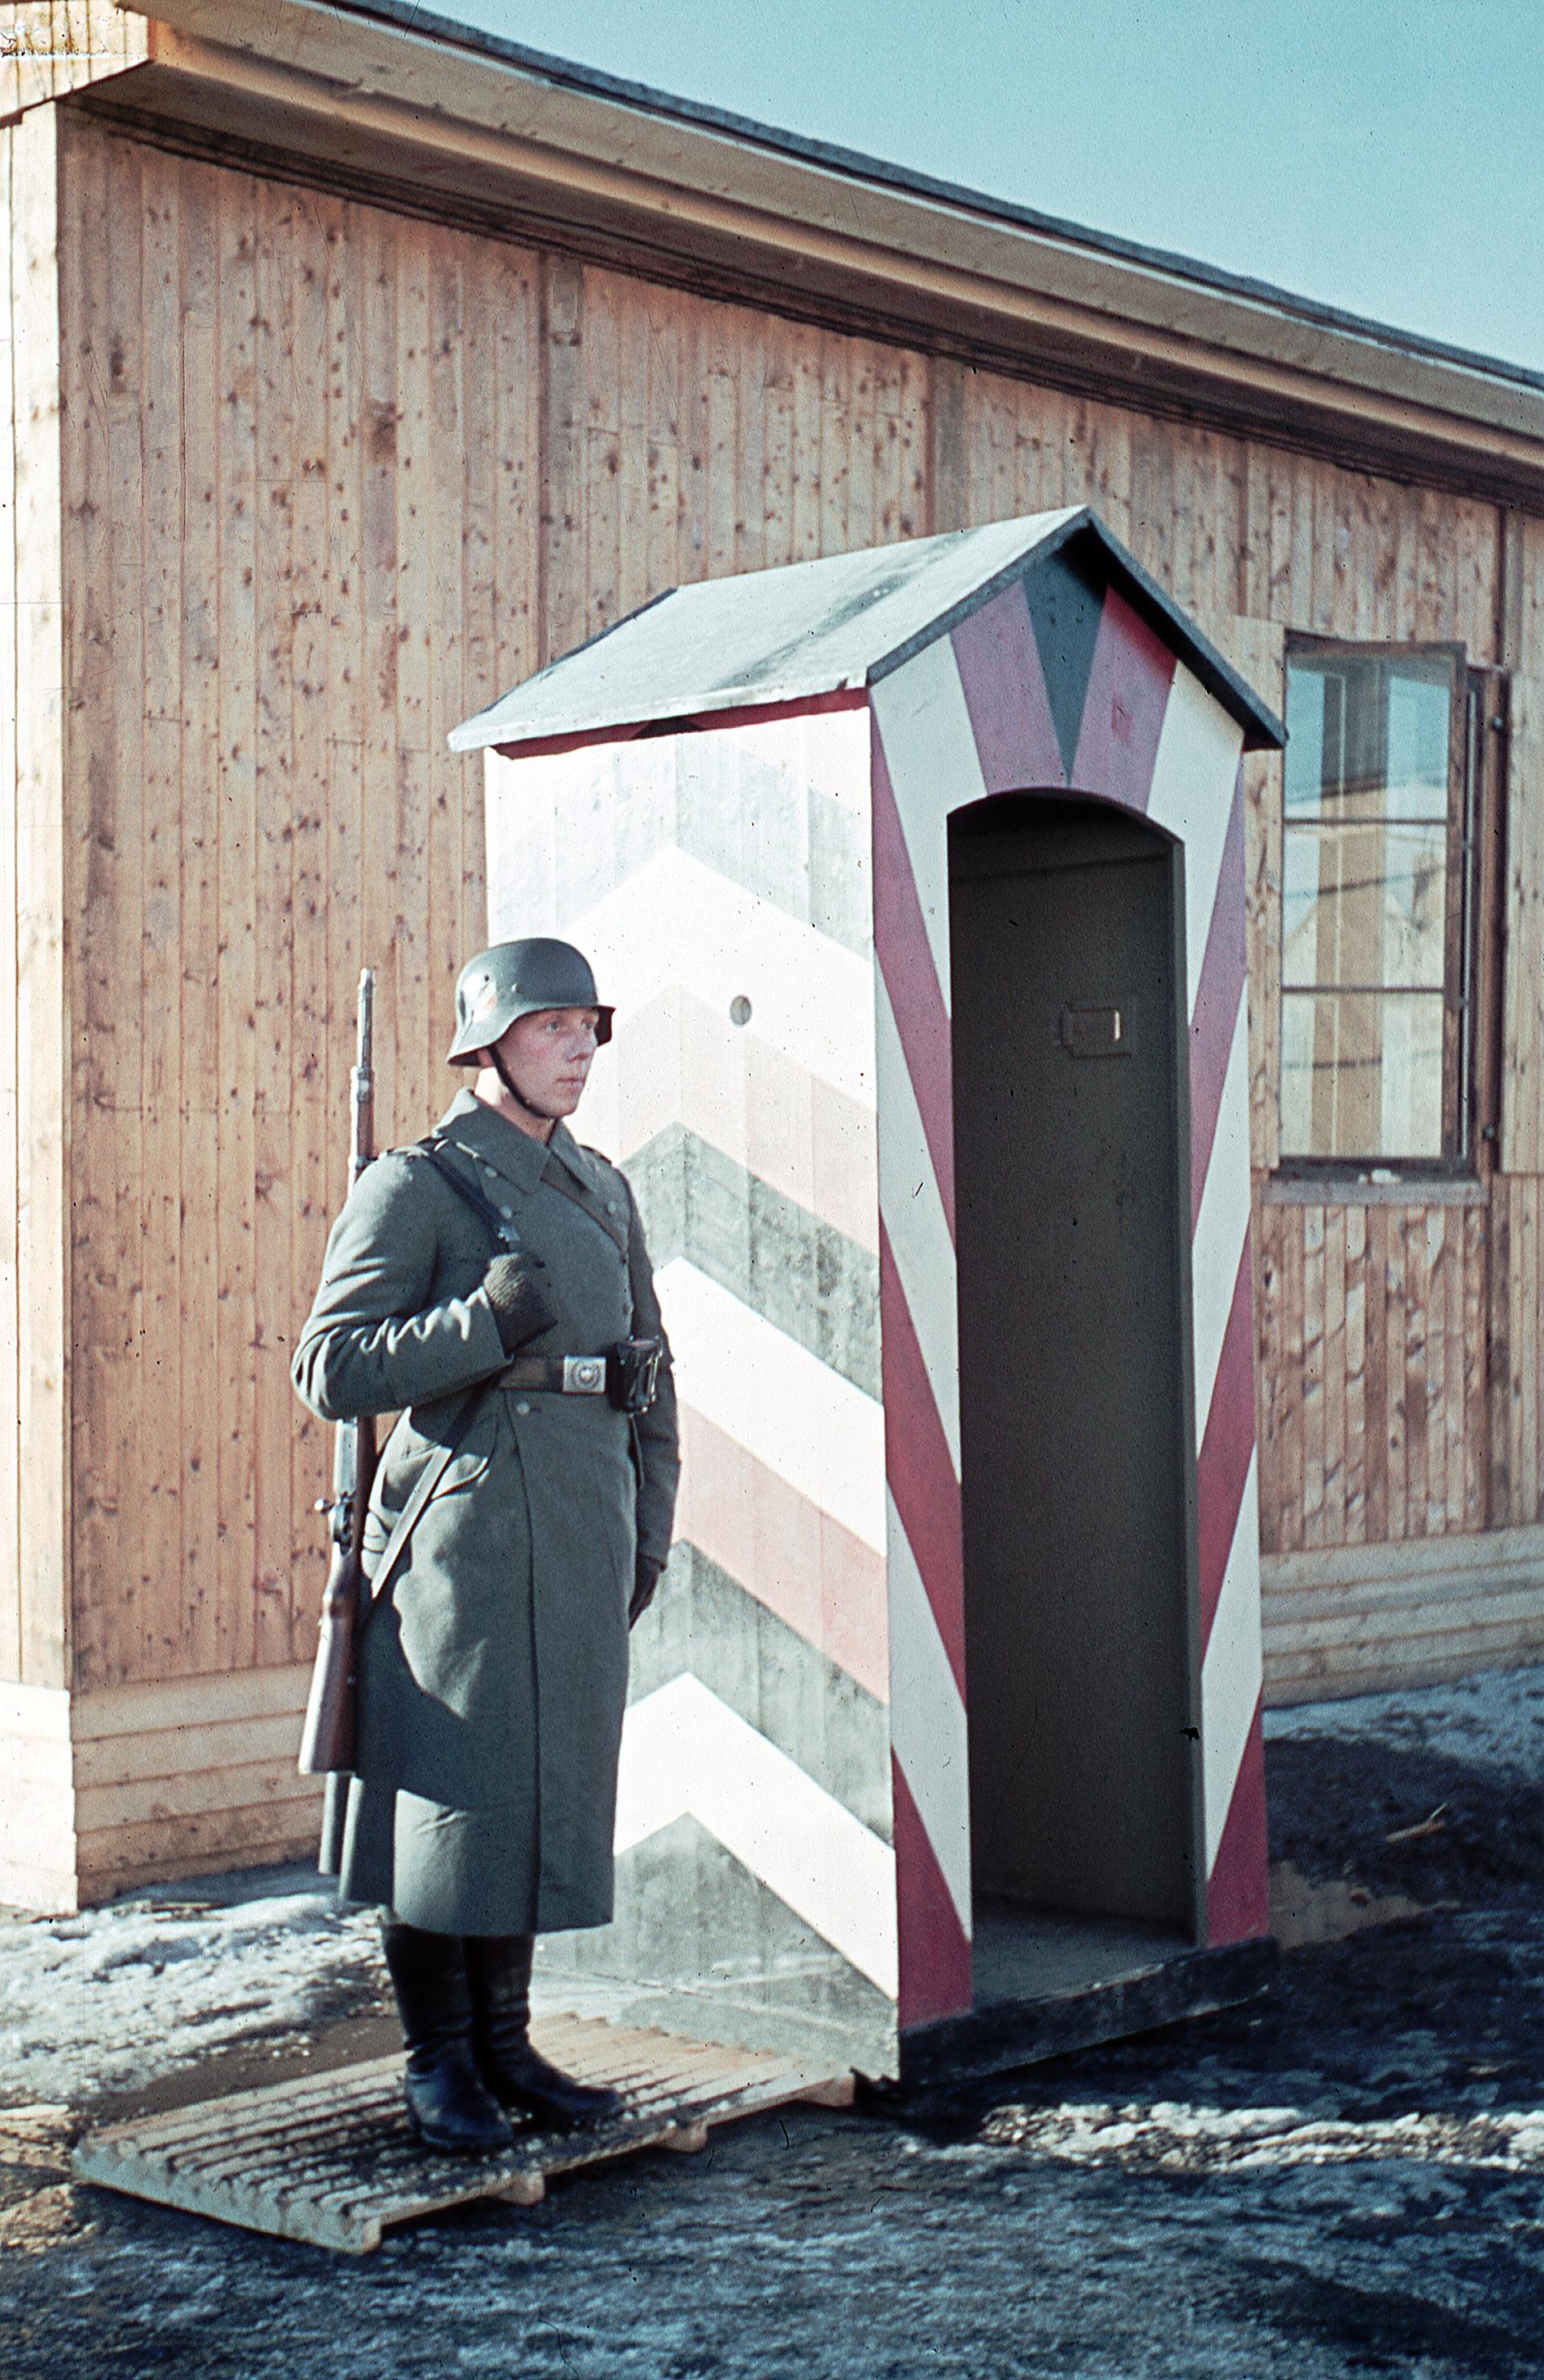 Bilde 69. Tysk vakt passer på brakka